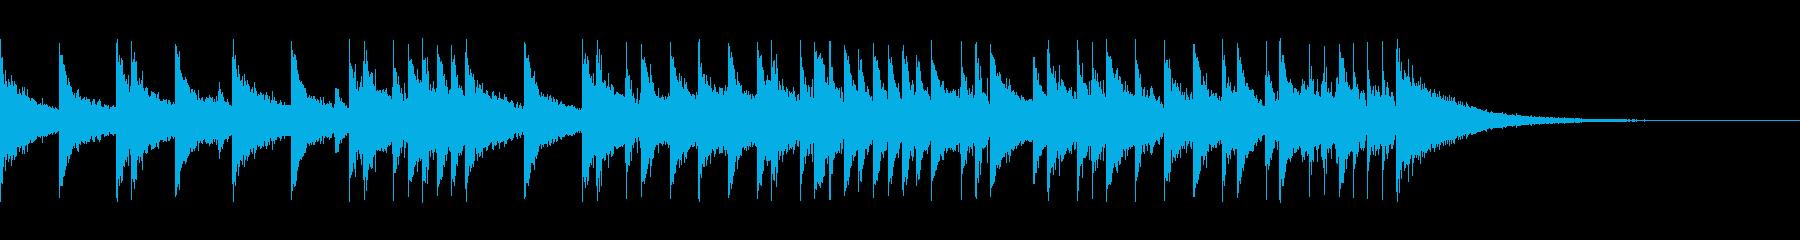 15秒のヘヴィなハードロック系ドラムソロの再生済みの波形